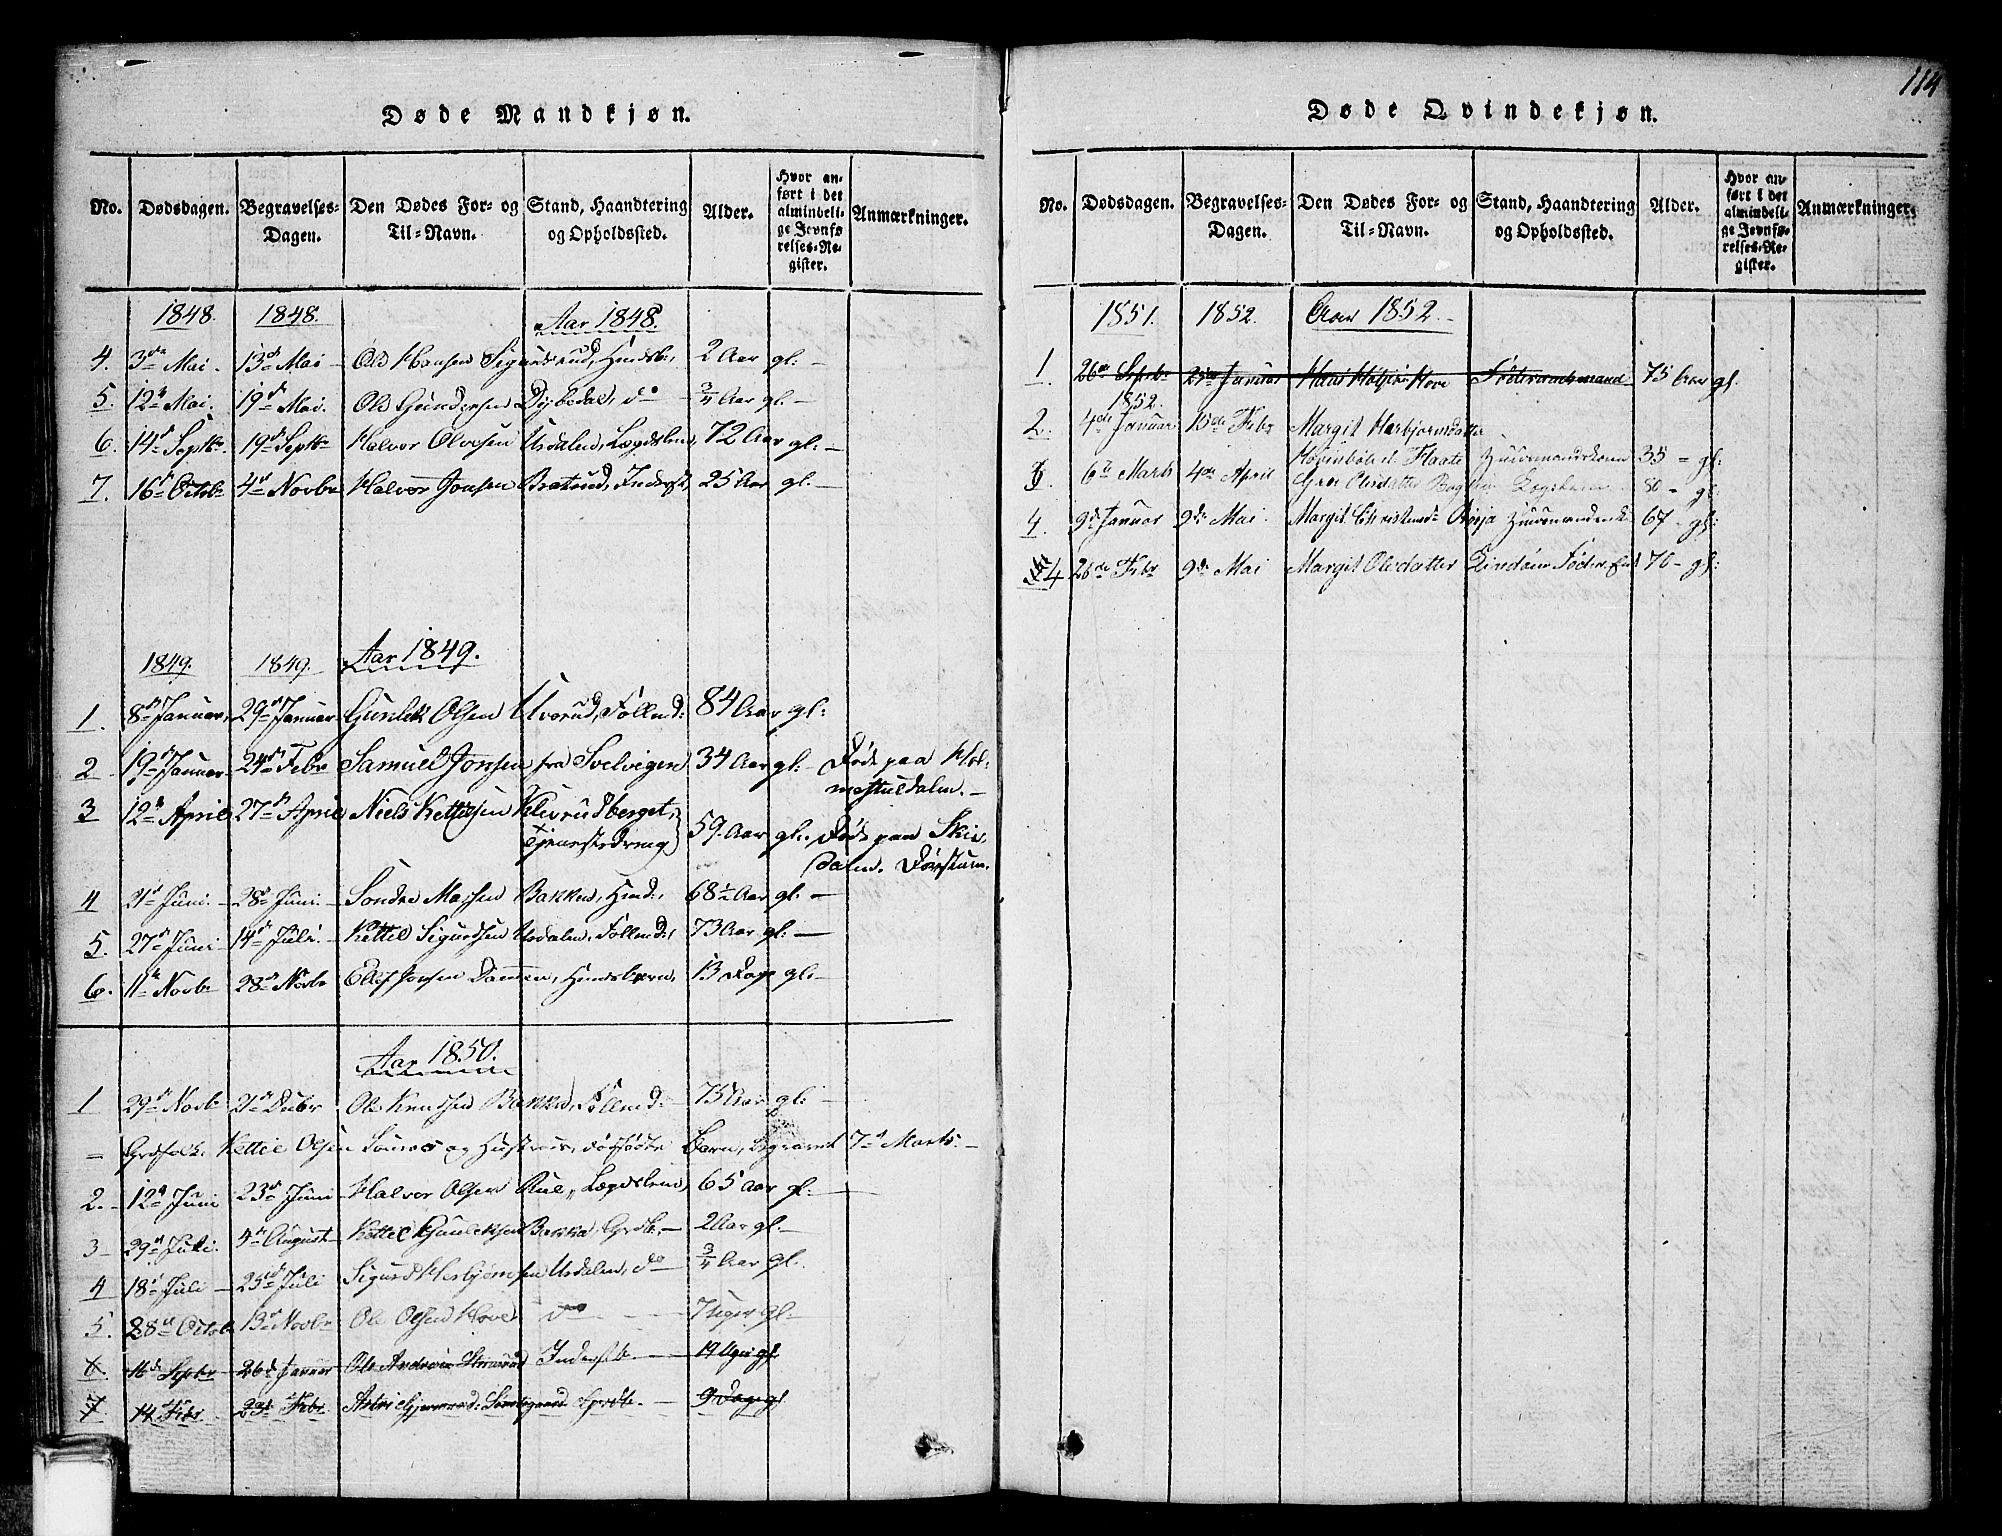 SAKO, Gransherad kirkebøker, G/Gb/L0001: Klokkerbok nr. II 1, 1815-1860, s. 114